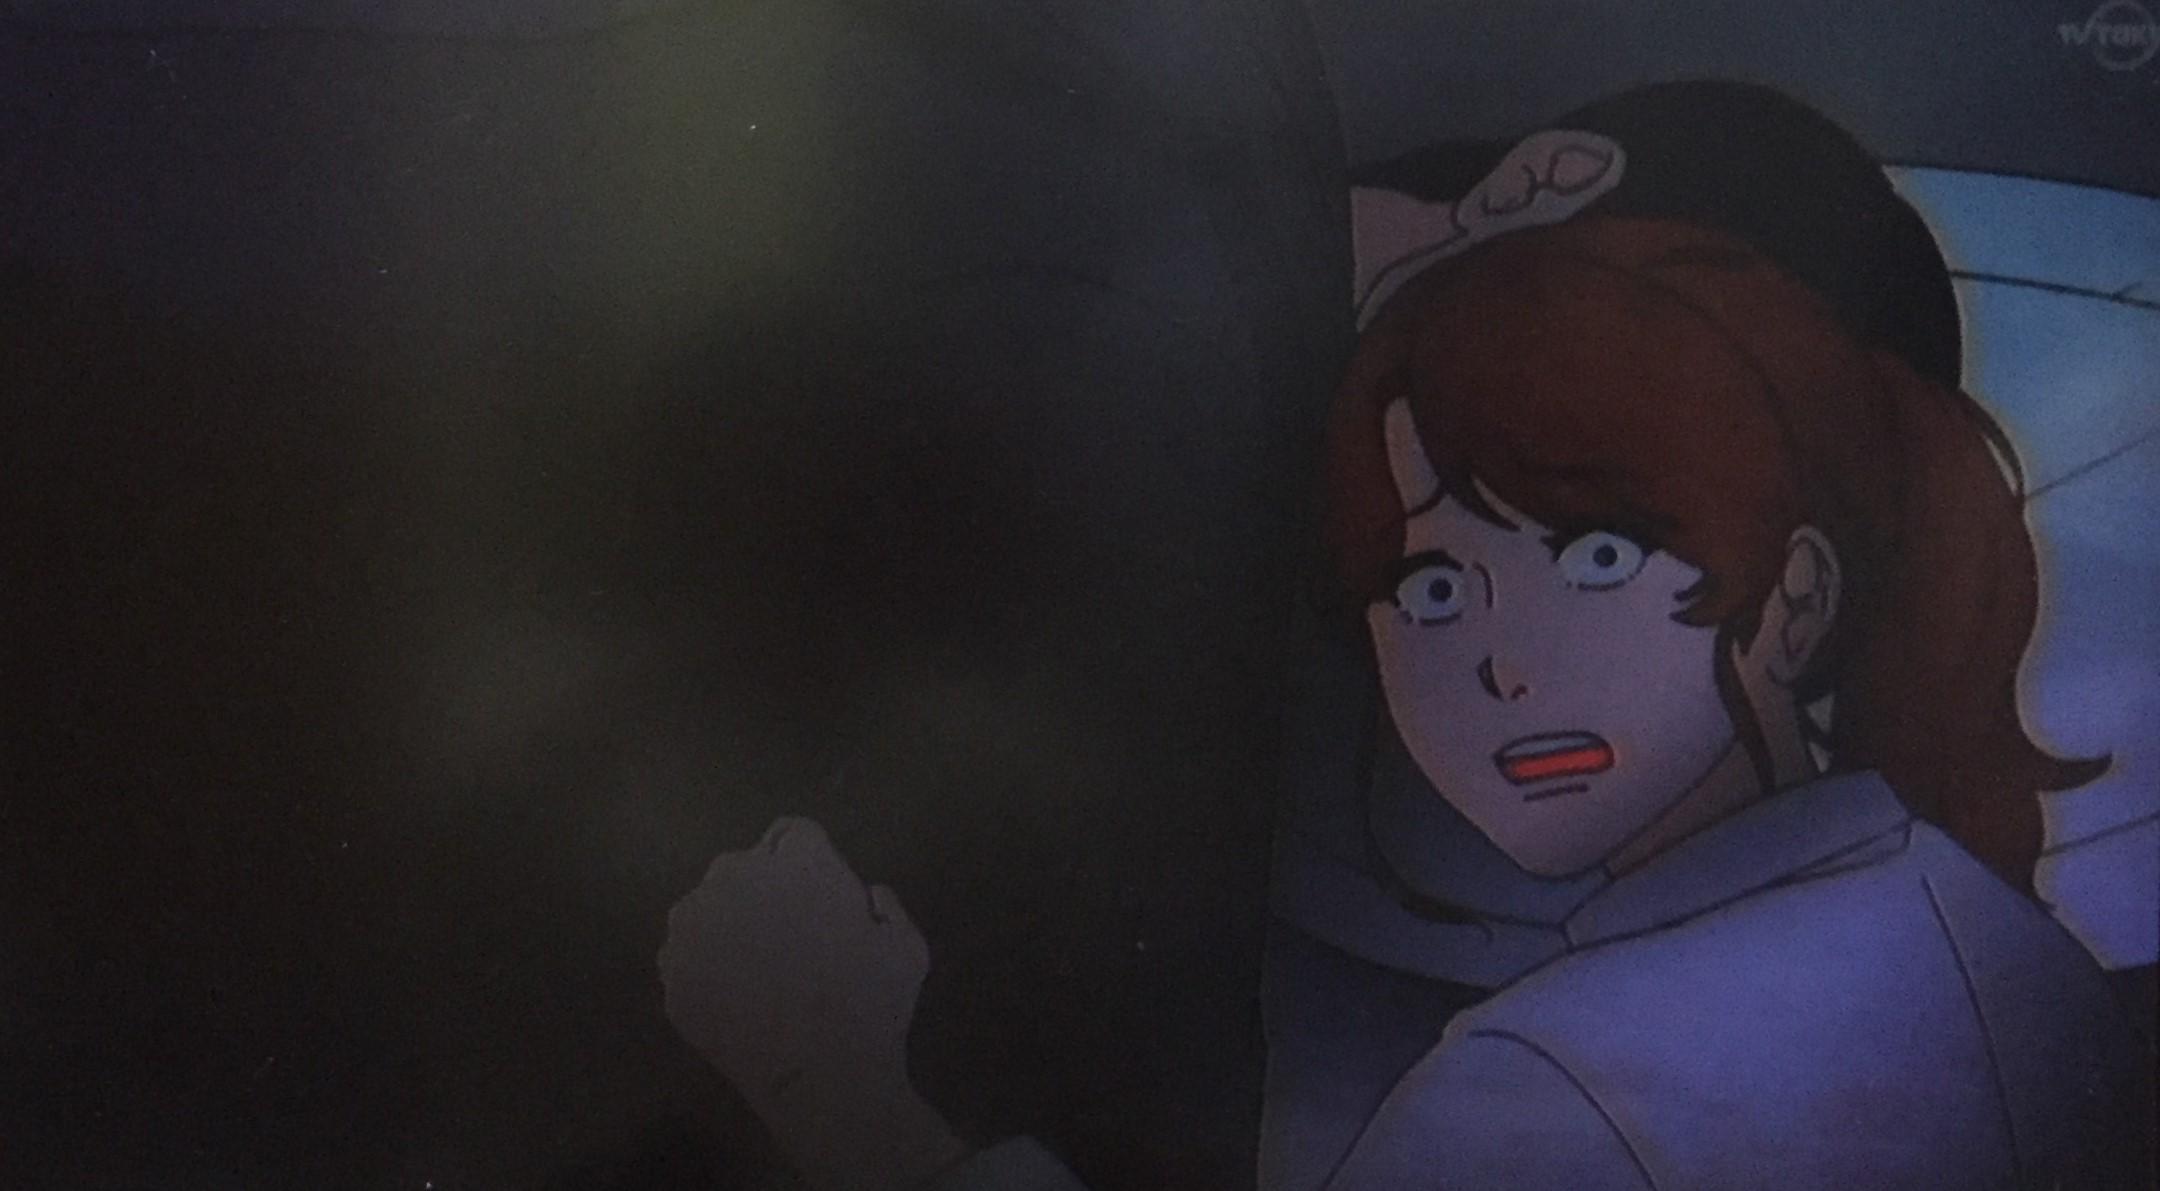 『忍者コレクション』前回の第10話のあらすじと振り返り